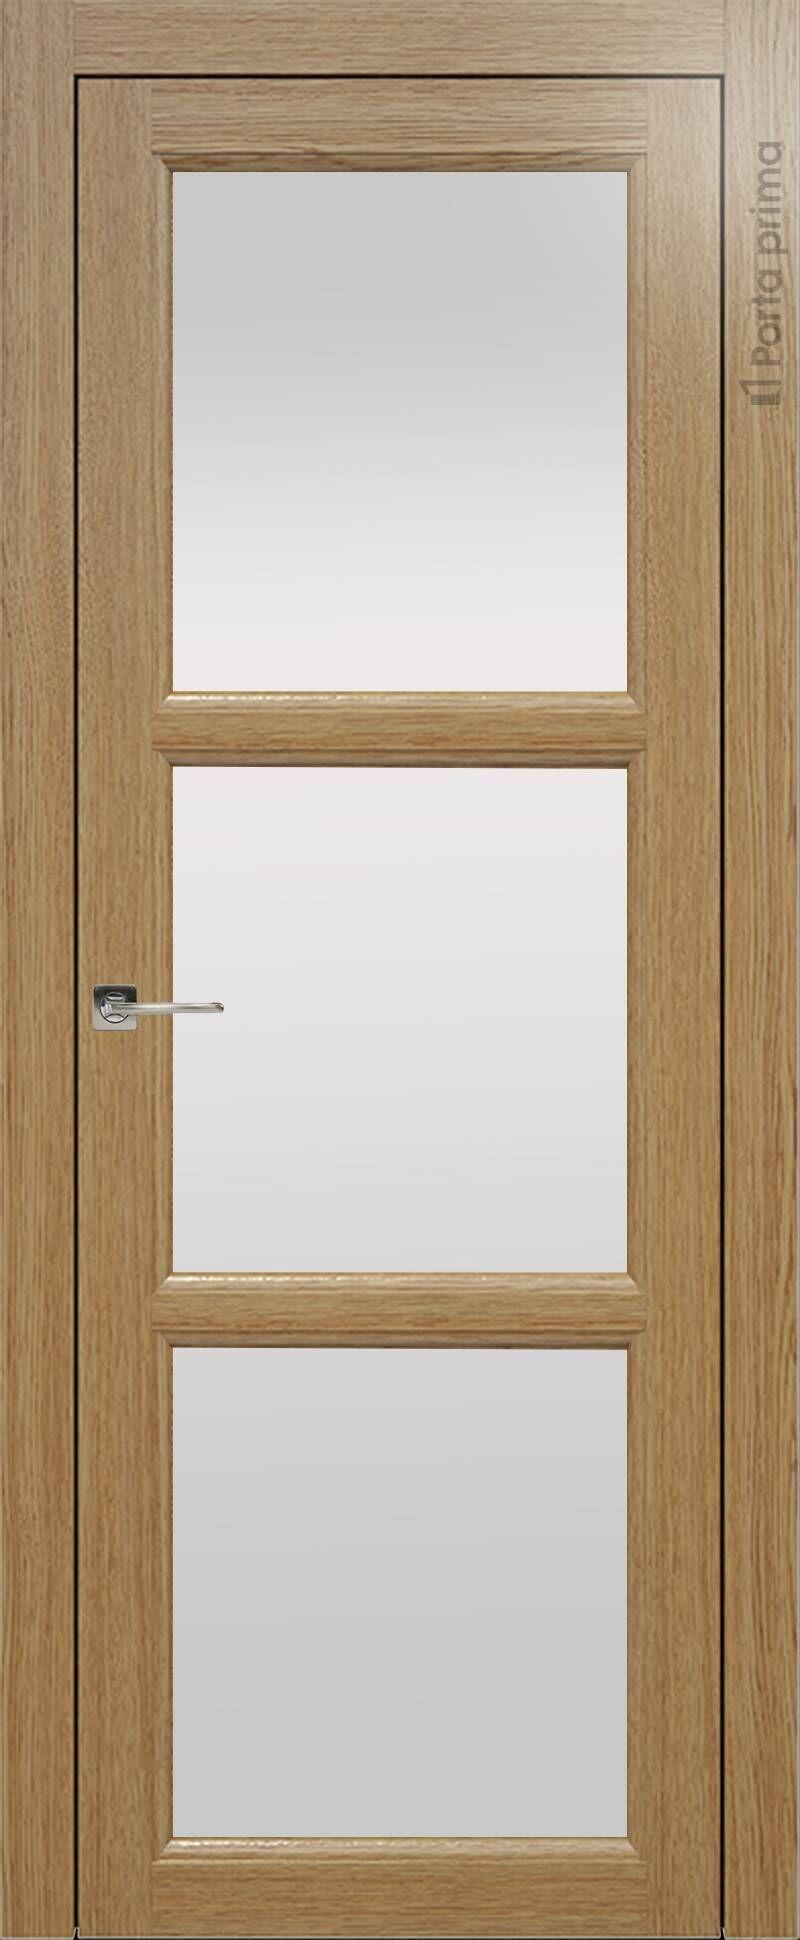 Sorrento-R В2 цвет - Дуб карамель Со стеклом (ДО)